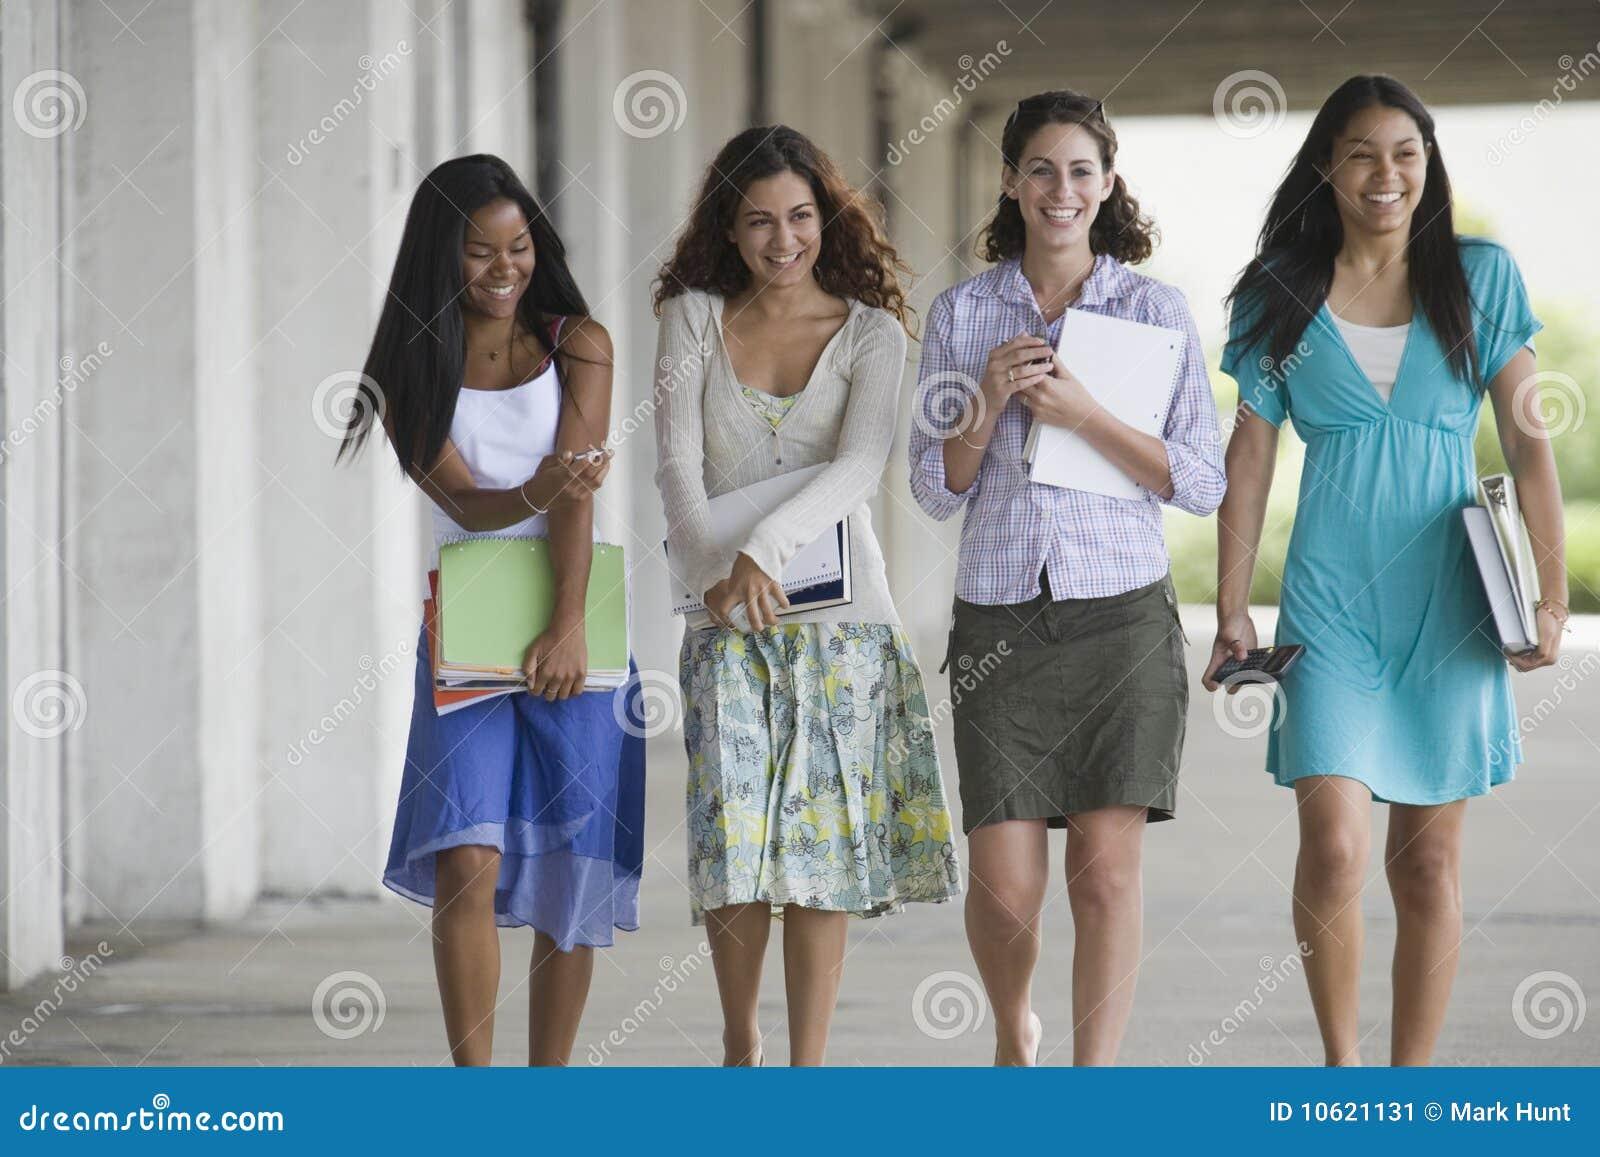 Portrait von vier Jugendlichen.